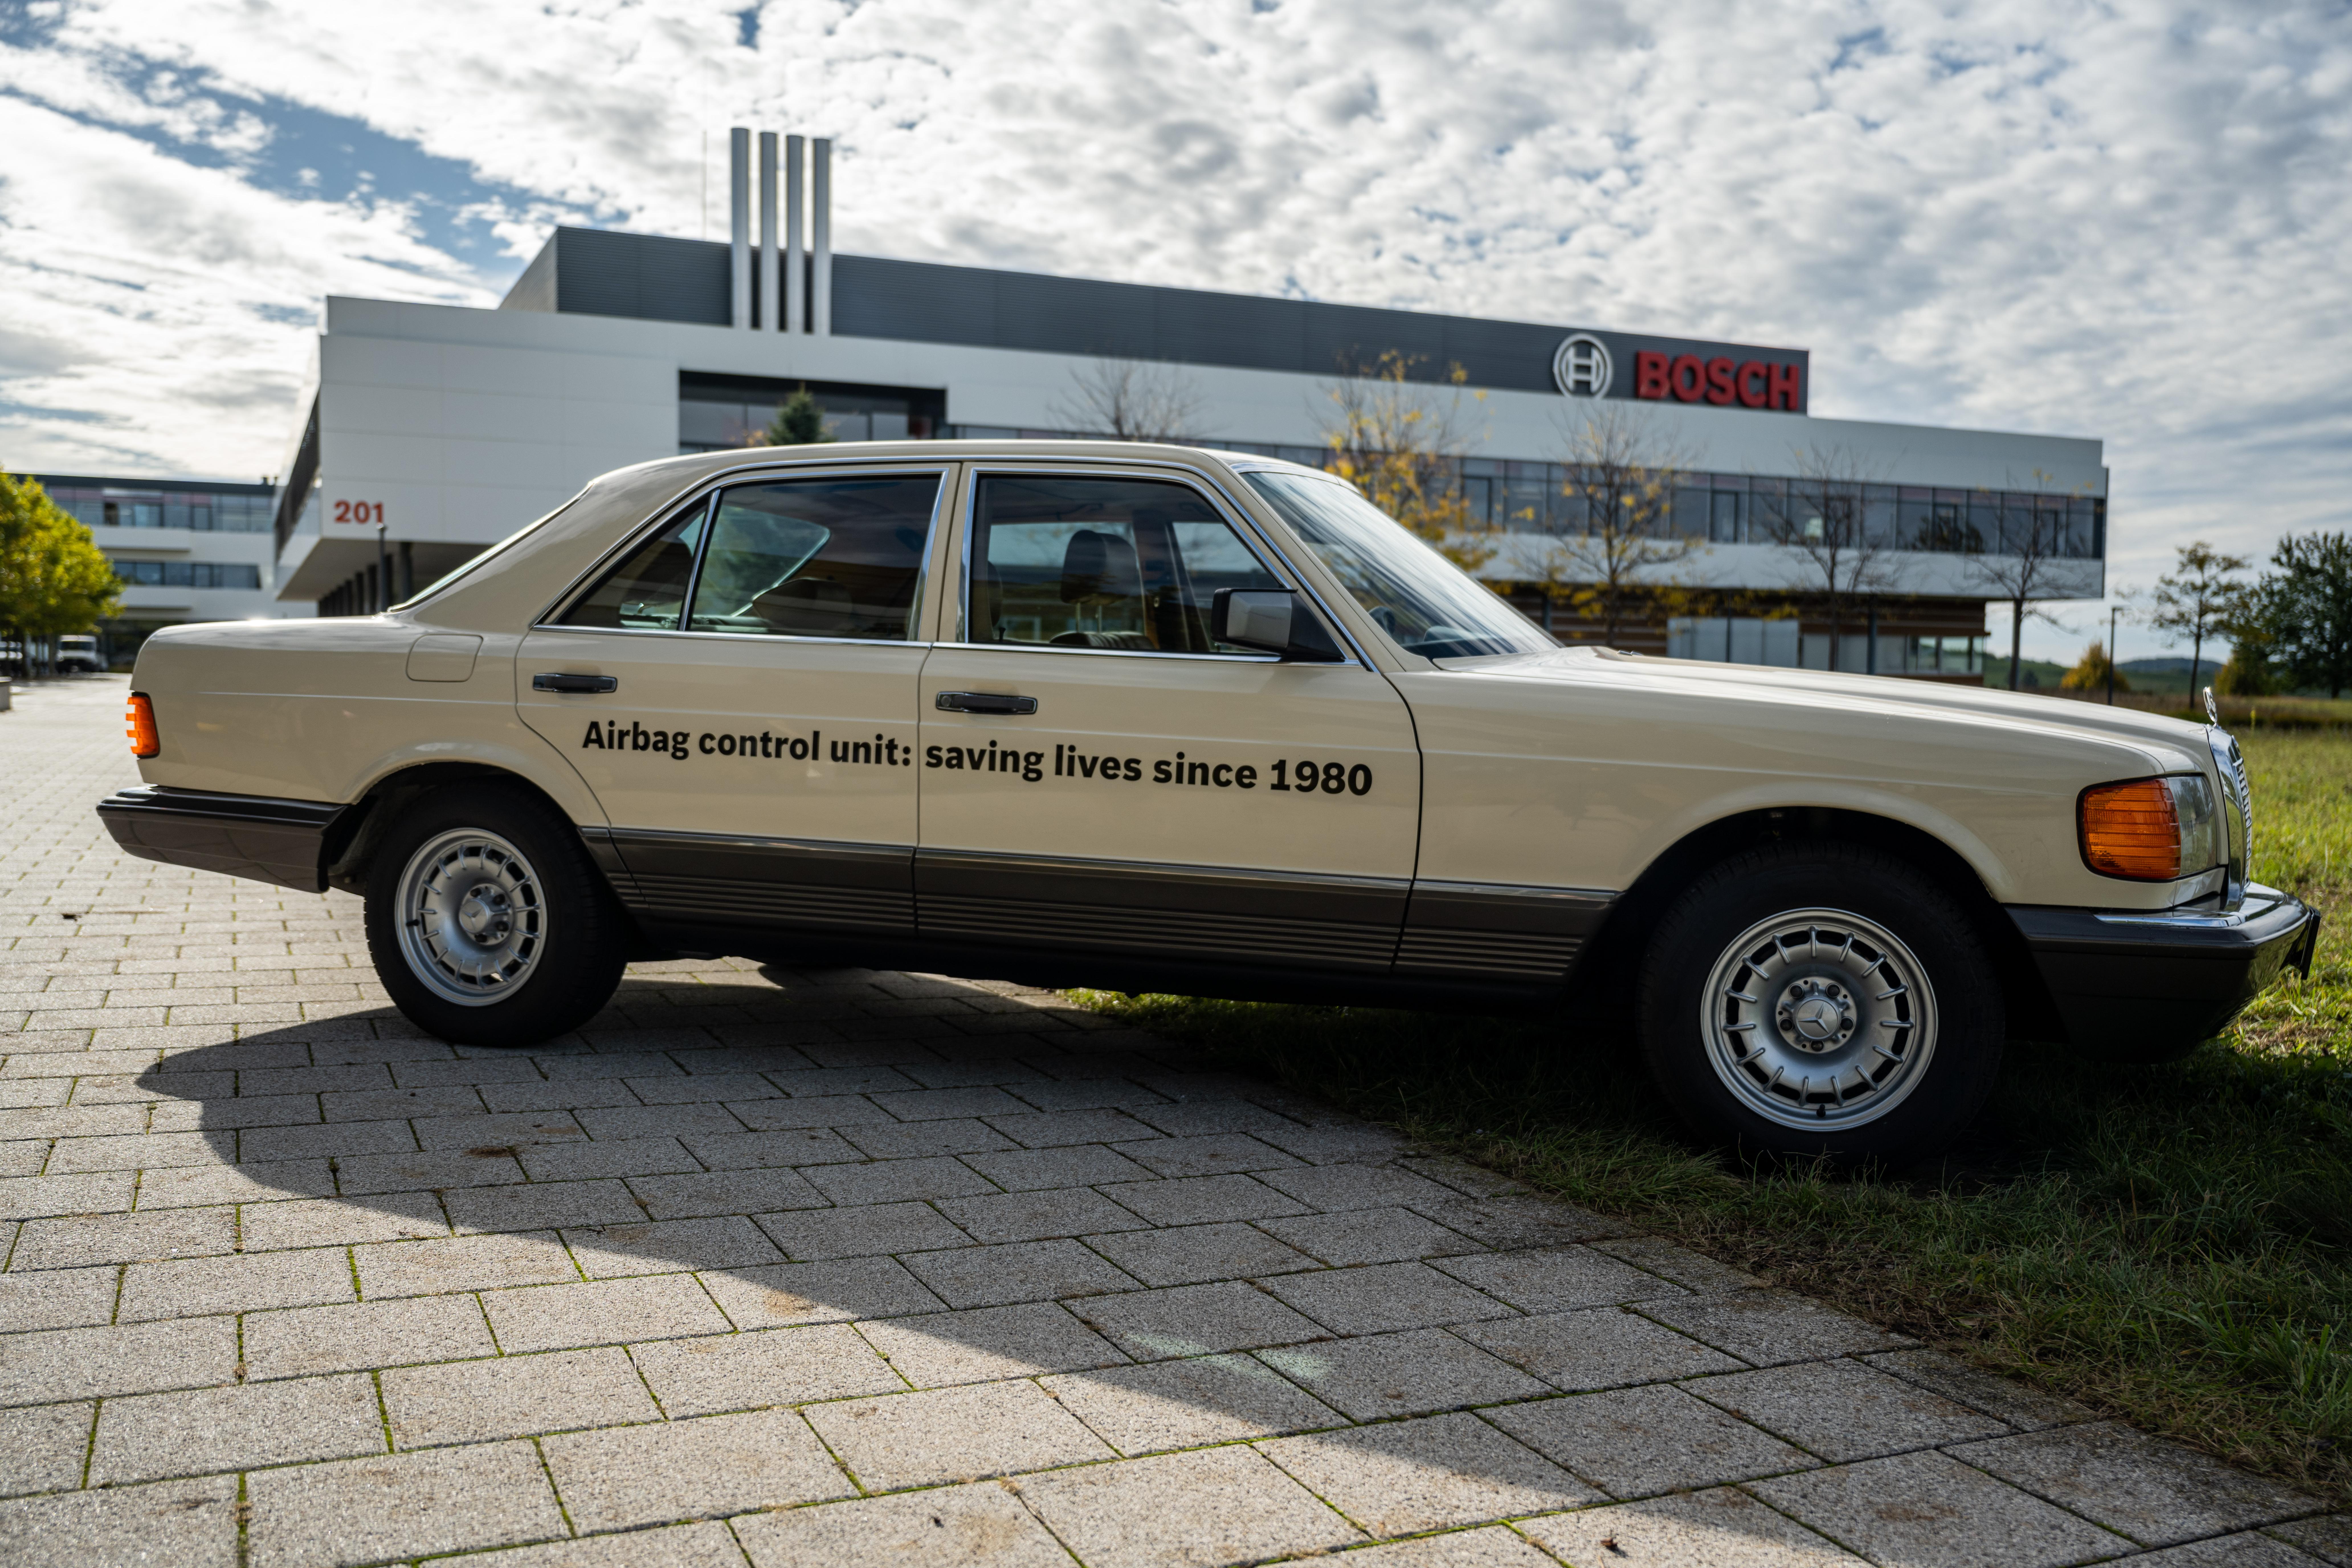 L'innovazione nella protezione passeggeri:  40 anni fa Bosch lanciava la centralina elettronica airbag per le autovetture